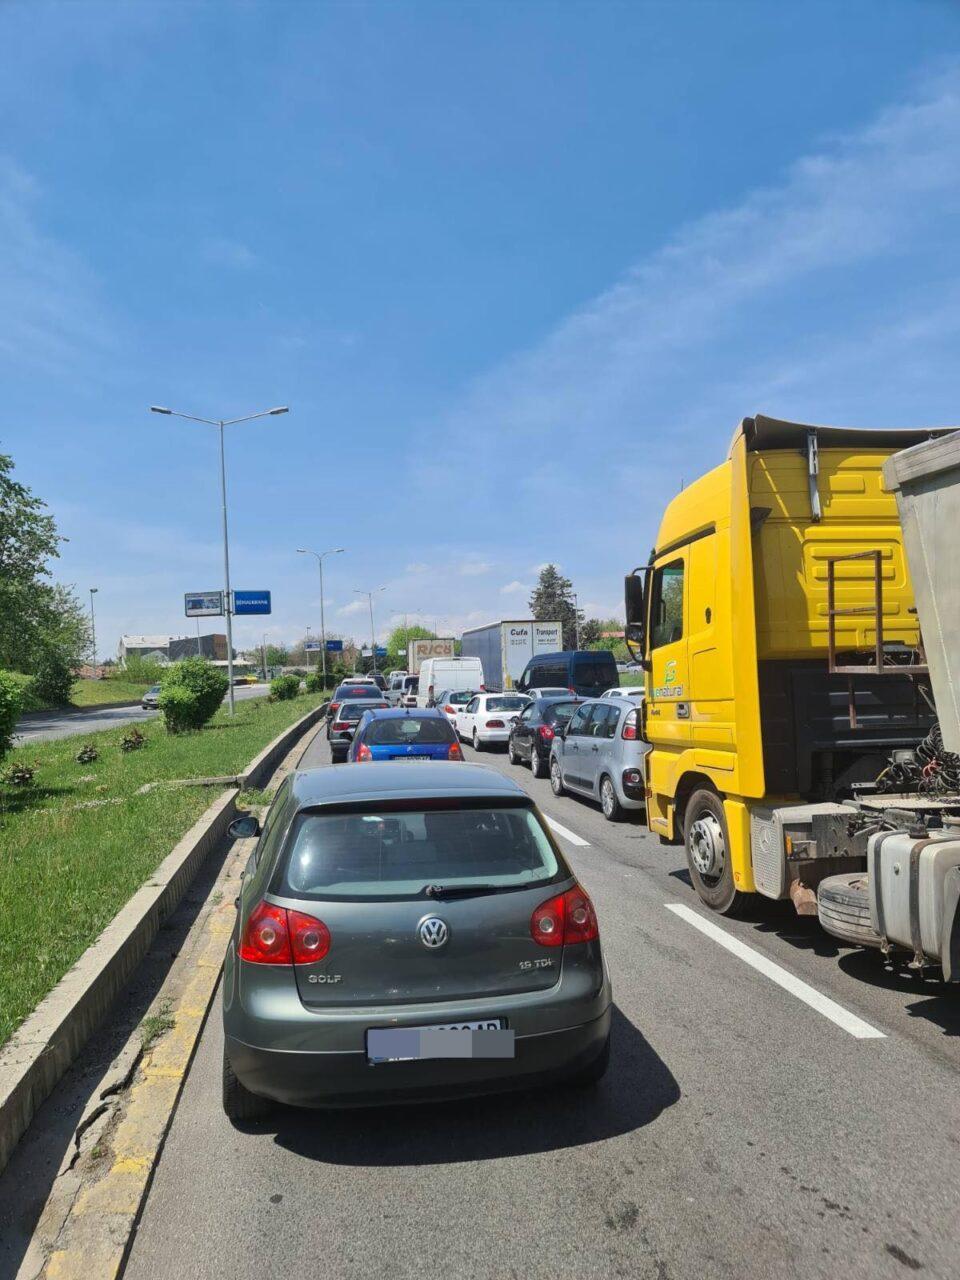 ВНИМАВАЈТЕ: Колони возила на влезот во Скопје кај Автокоманда (ФОТО)